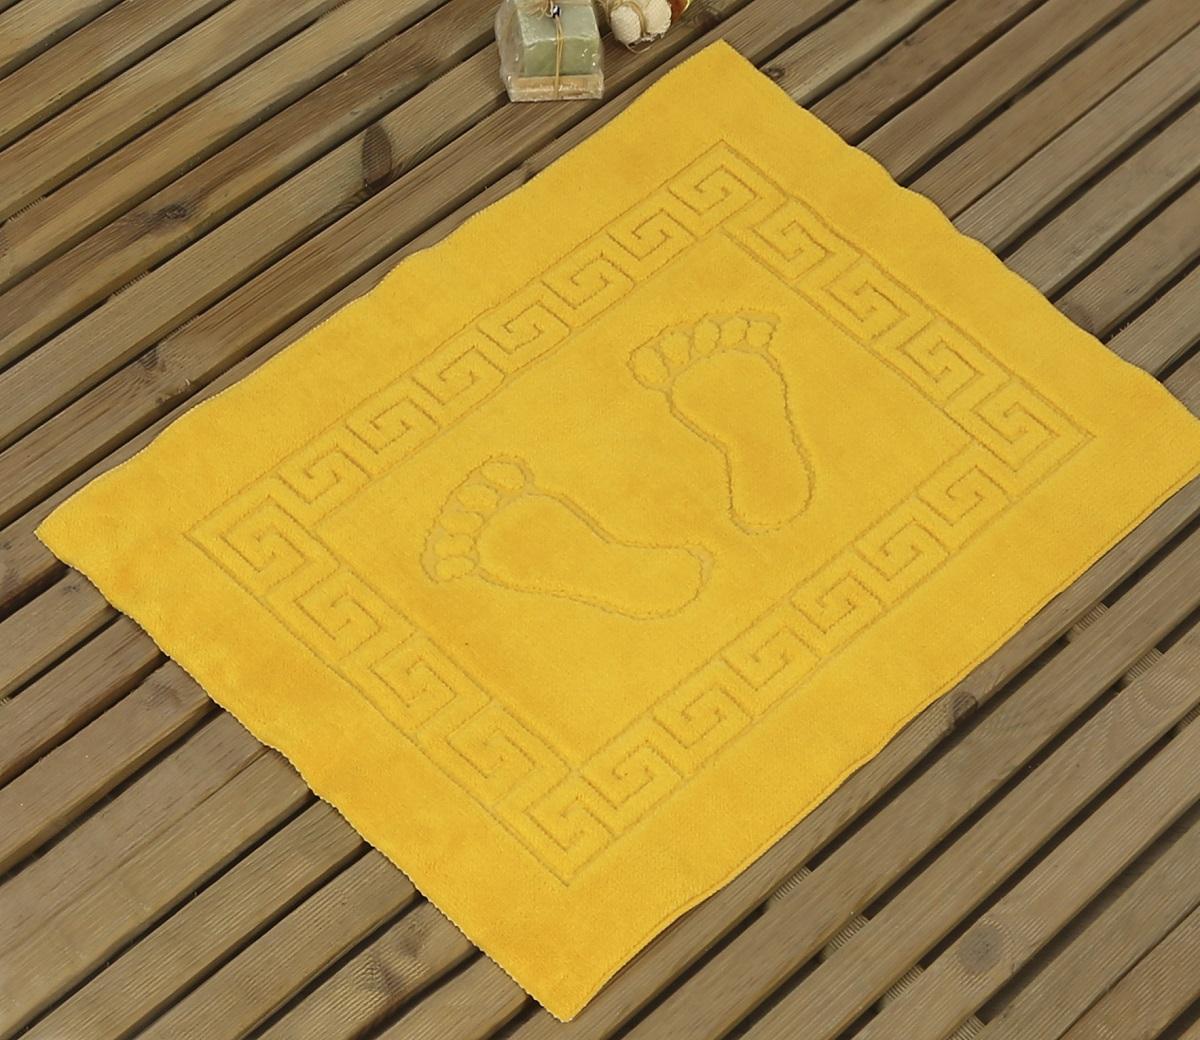 Коврик для ванной Karna Likya, цвет: желтый, 50 х 70 смRG-D31SКоврик печатный Karna сделан из 100% полиэстера. Полиэстер является синтетическим волокном. Ткань, полностью изготовленная из полиэстера, даже после увлажнения, очень быстро сохнет. Коврик из полиэстера практически не требователен к уходу и обладает высокой устойчивостью к износу.Коврик из полиэстера не мнётся и легко стирается, после стирки очень быстро высыхает. Материал очень прочный, за время использования не растягивается и не садится. А так же обладает высокой влагонепроницаемостью.Размер: 50 х 70 см.